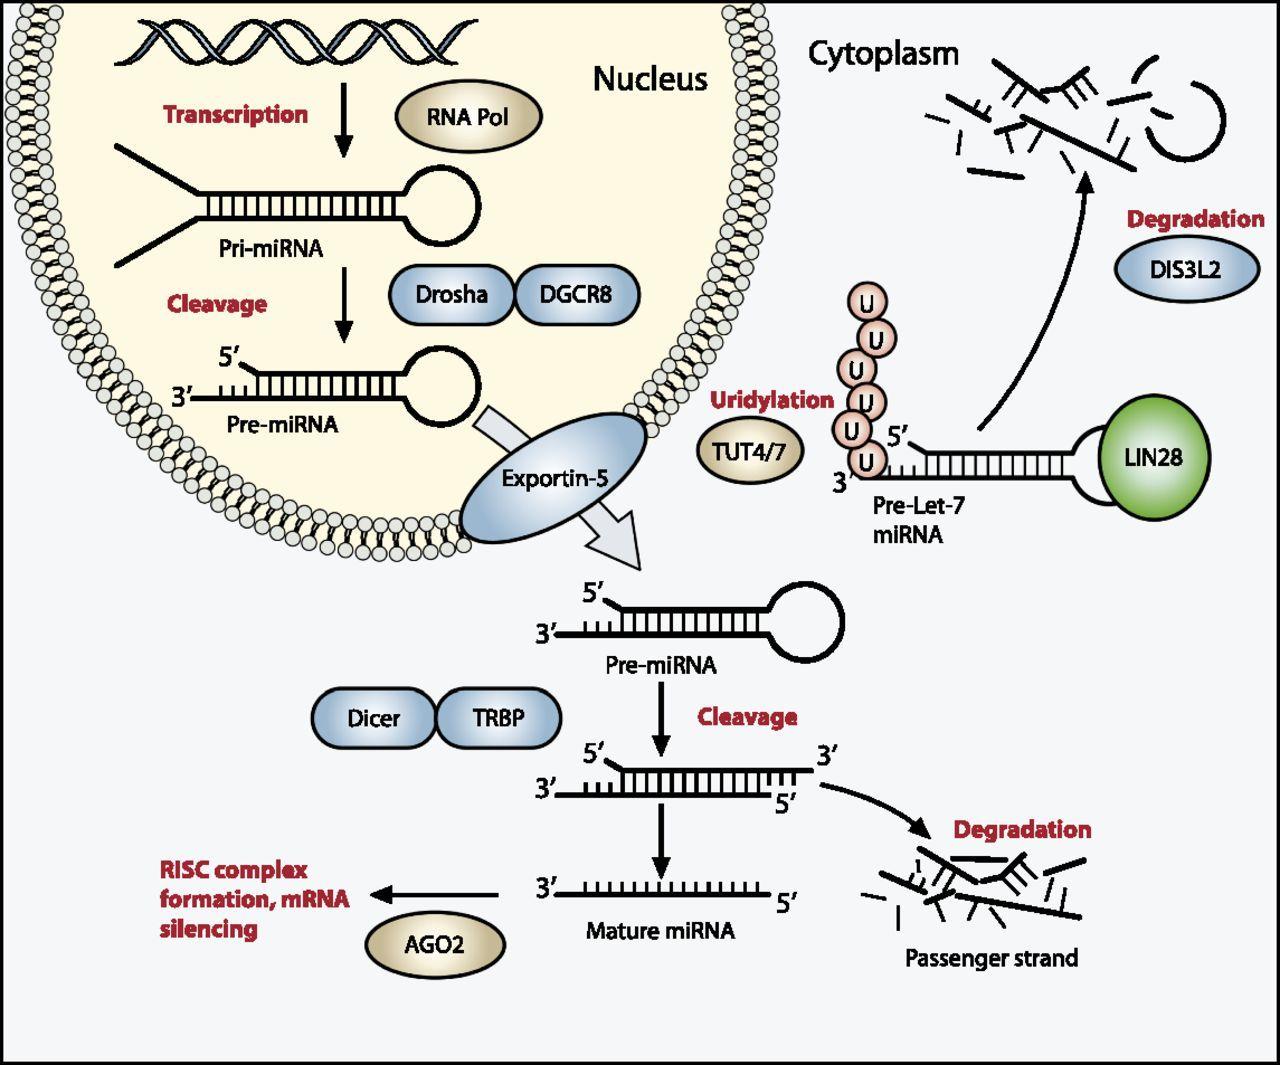 図はウィルムス腫瘍で変異がよくみられるmiRNAプロセシング経路を示している。